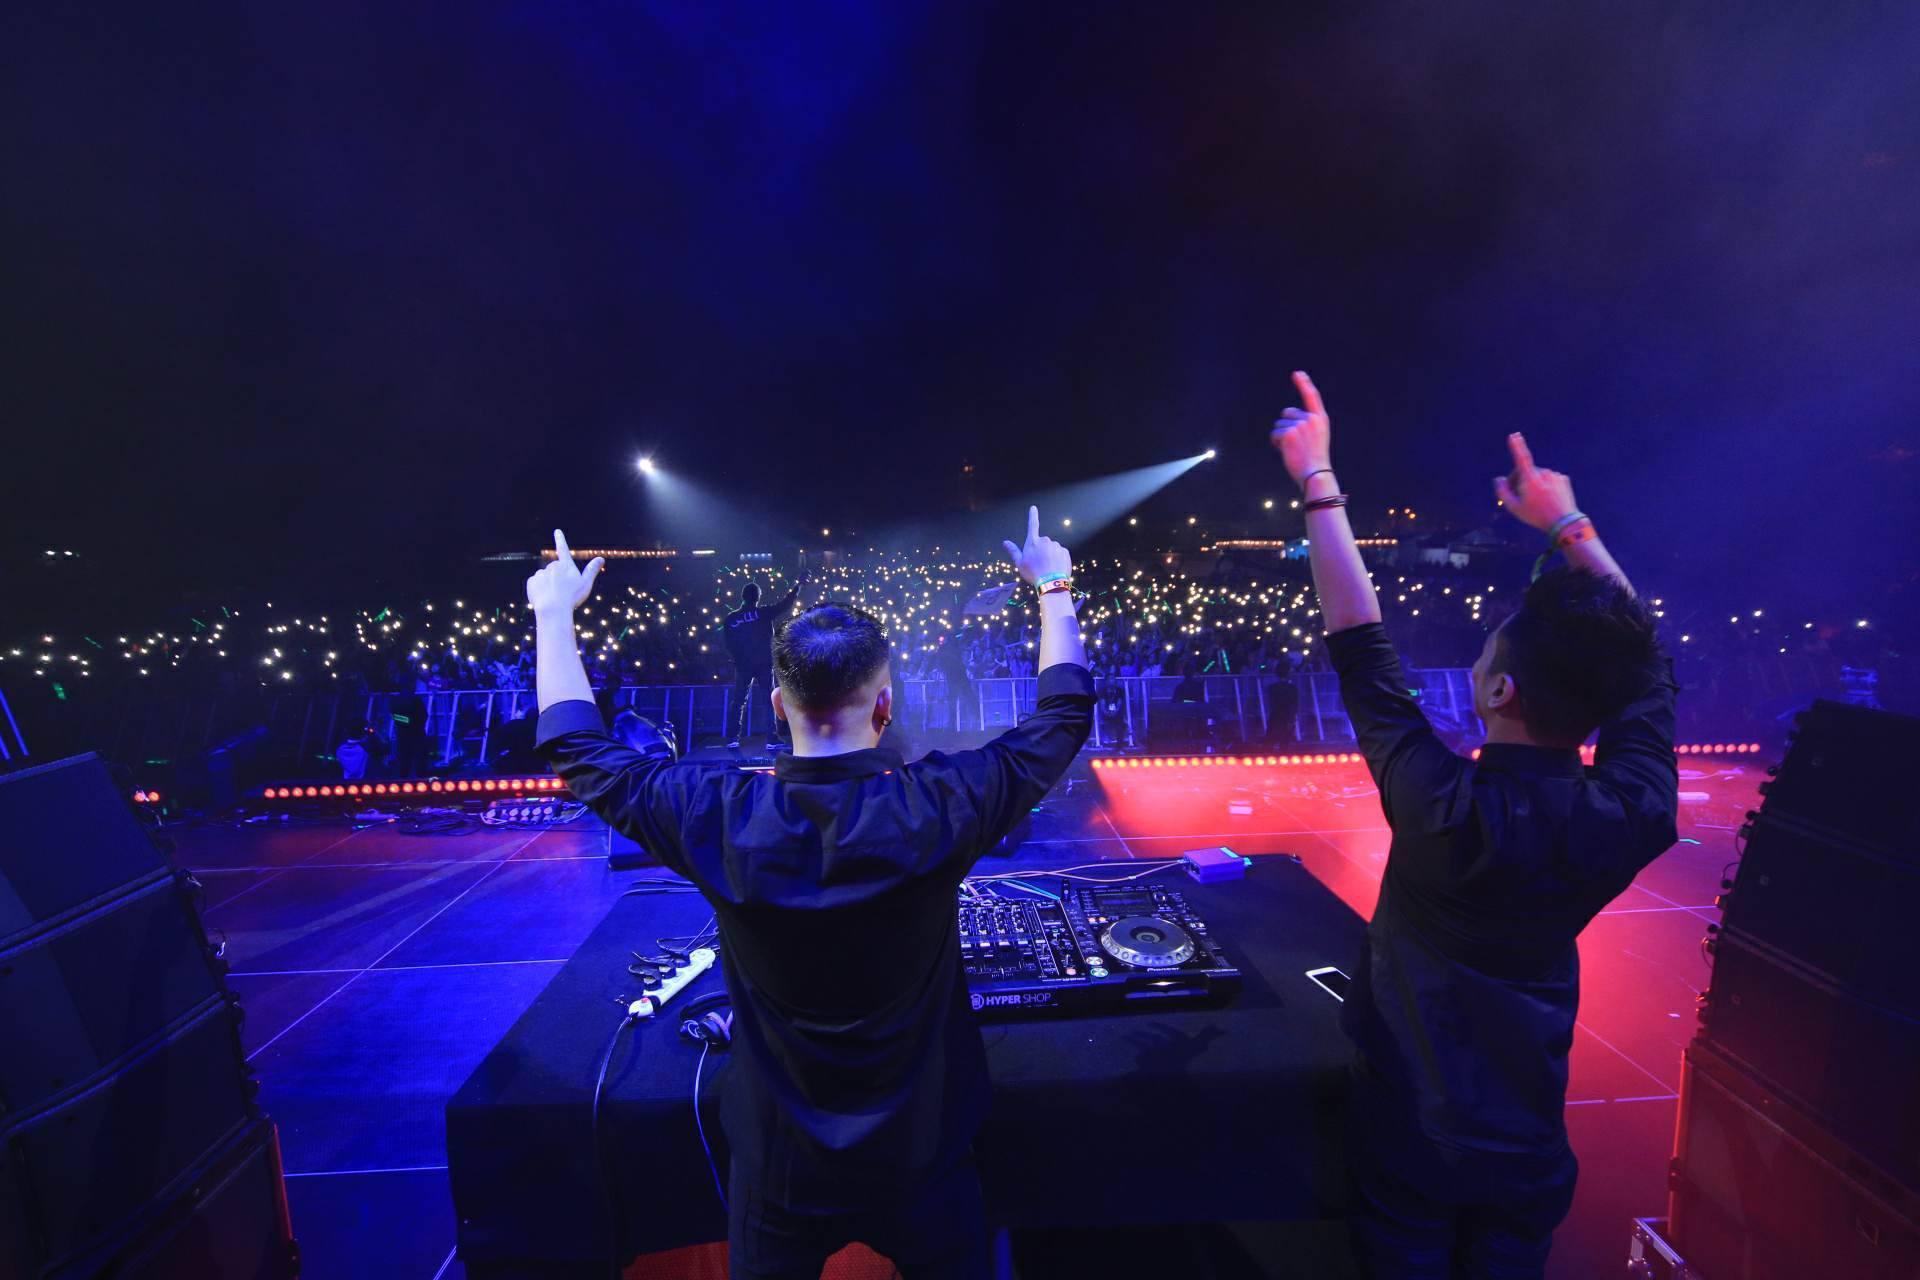 """Hoàng Touliver, SlimV cùng các nghệ sĩ quốc tế làm bùng nổ đêm nhạc đầu tiên của """"Monsoon Music Festival 2017 by Tuborg"""" - Ảnh 23."""